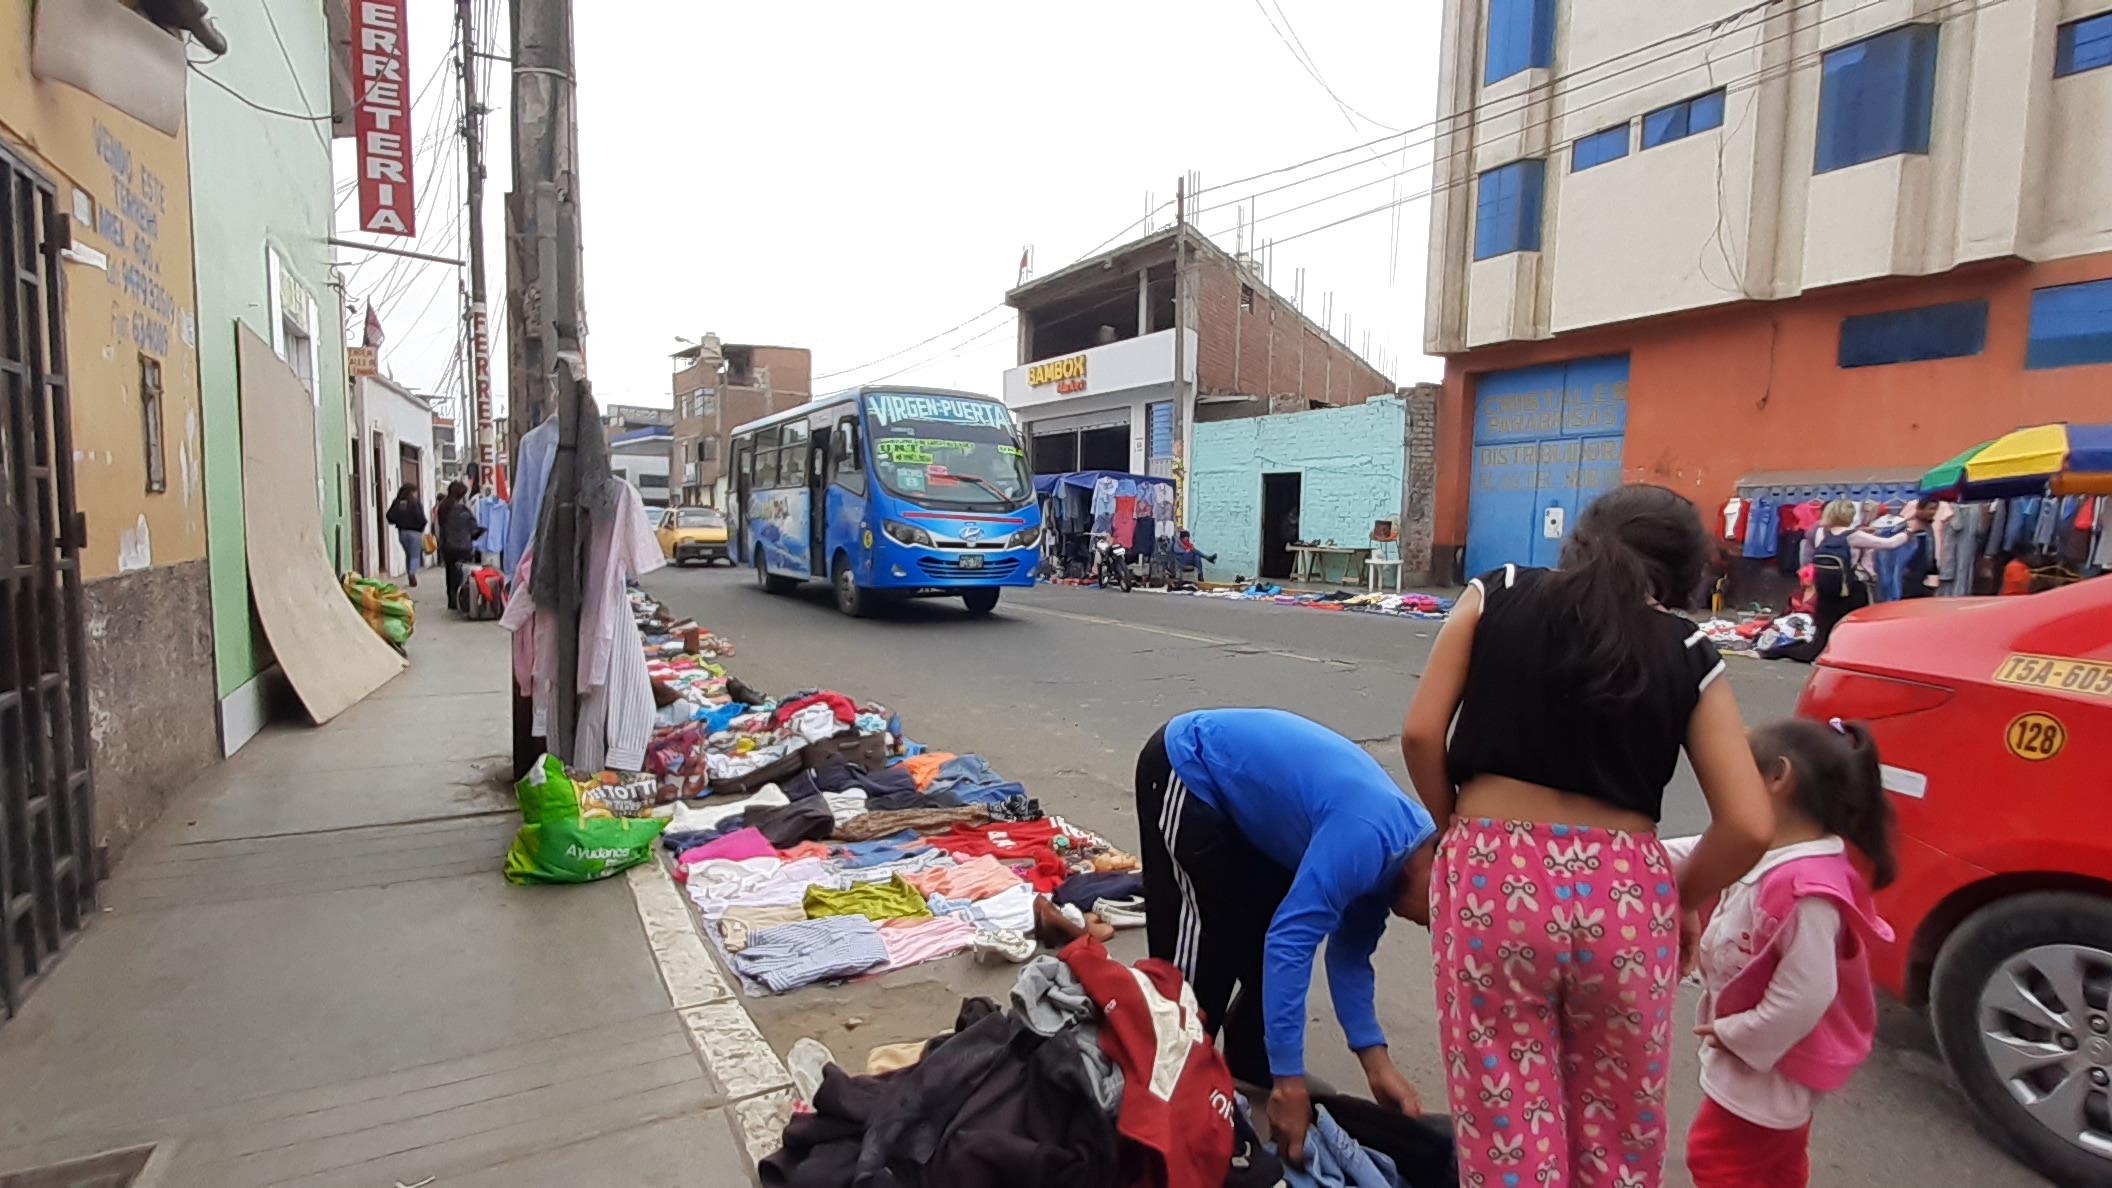 Alcalde del territorio vecinal El Molino - La Intendencia de Trujillo, Julio Ramírez, hace un llamado a las autoridades para controlar el comercio en las calles y las delincuencia.